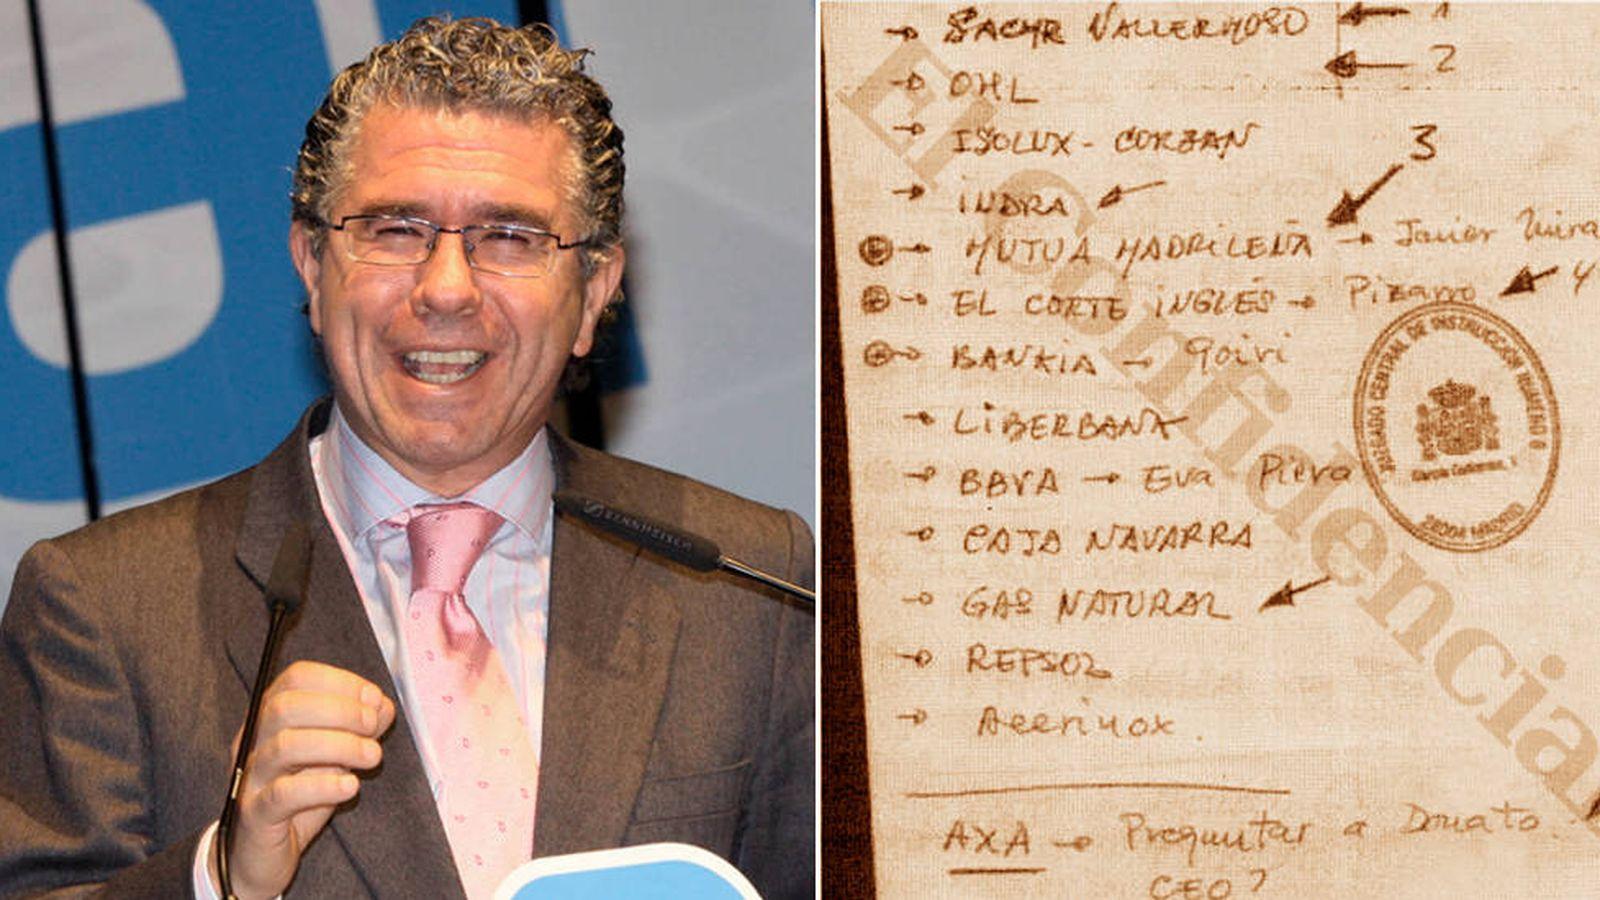 Foto: Francisco Granados y la página de su agenda donde se menciona a 14 empresas. (EC)